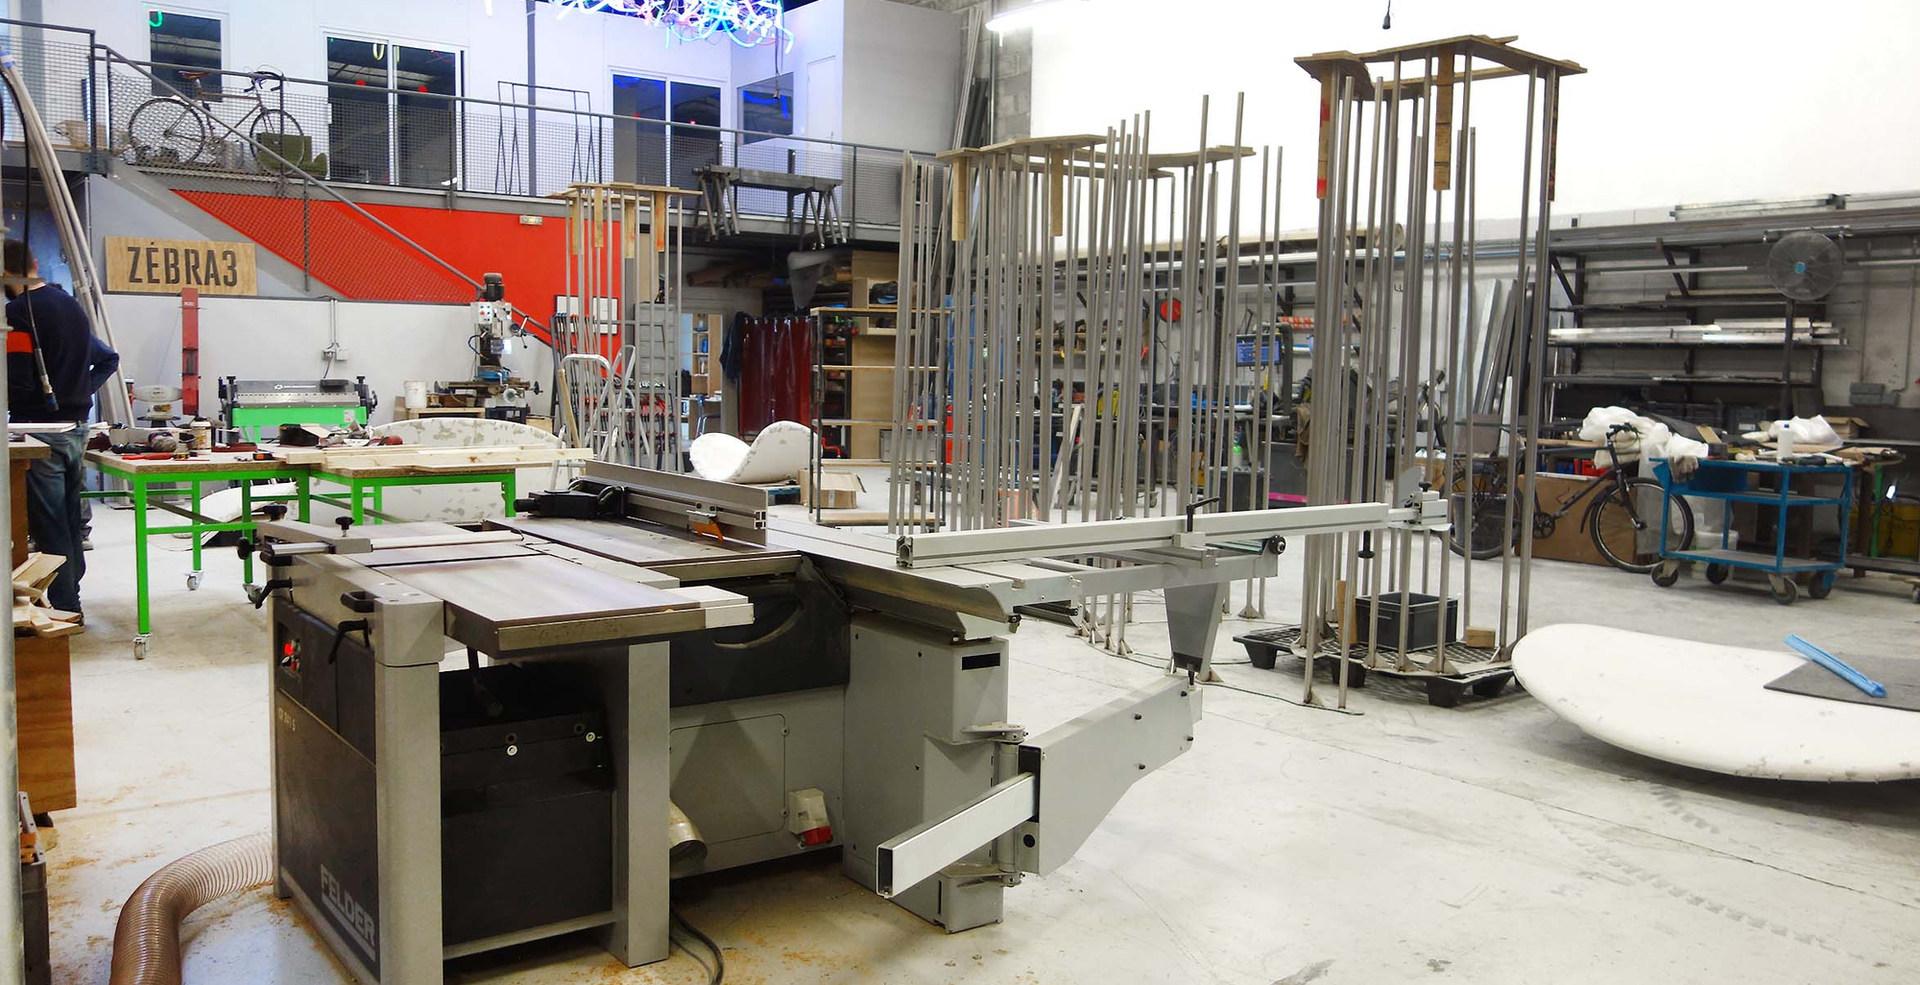 Zebra3-atelier-production-espace-public-